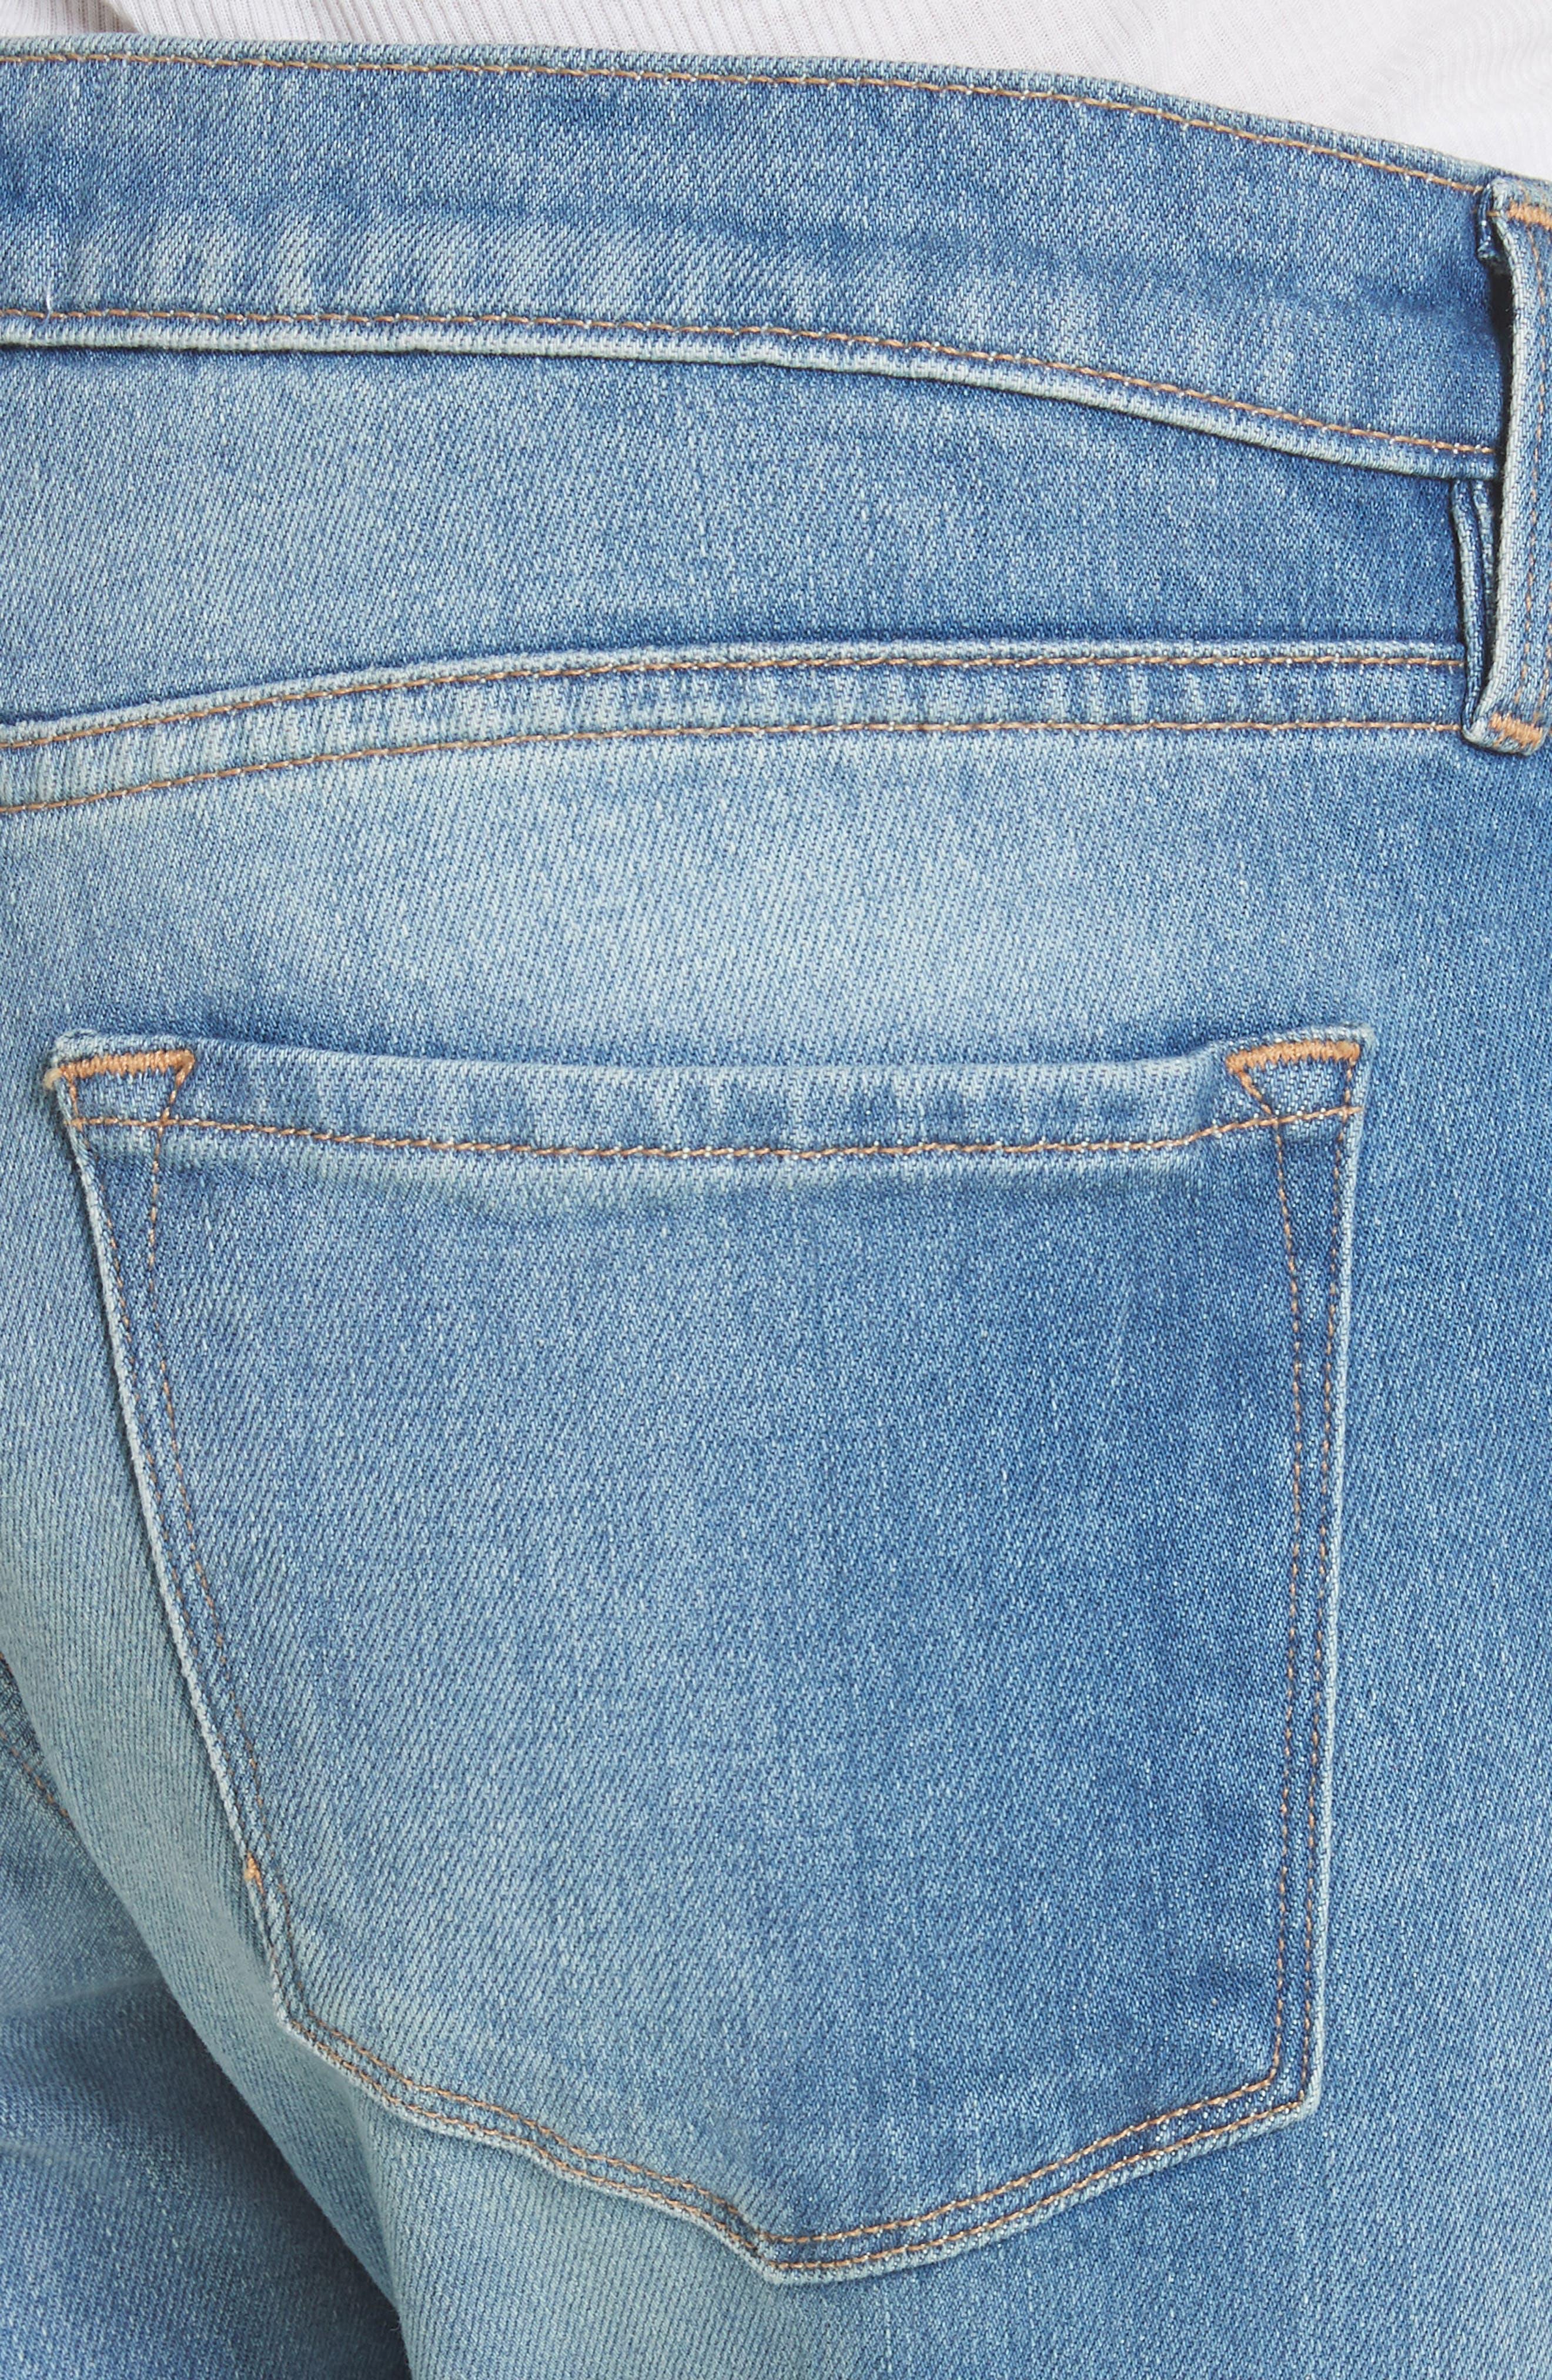 Le Garcon Crop Slim Boyfriend Jeans,                             Alternate thumbnail 4, color,                             Silva